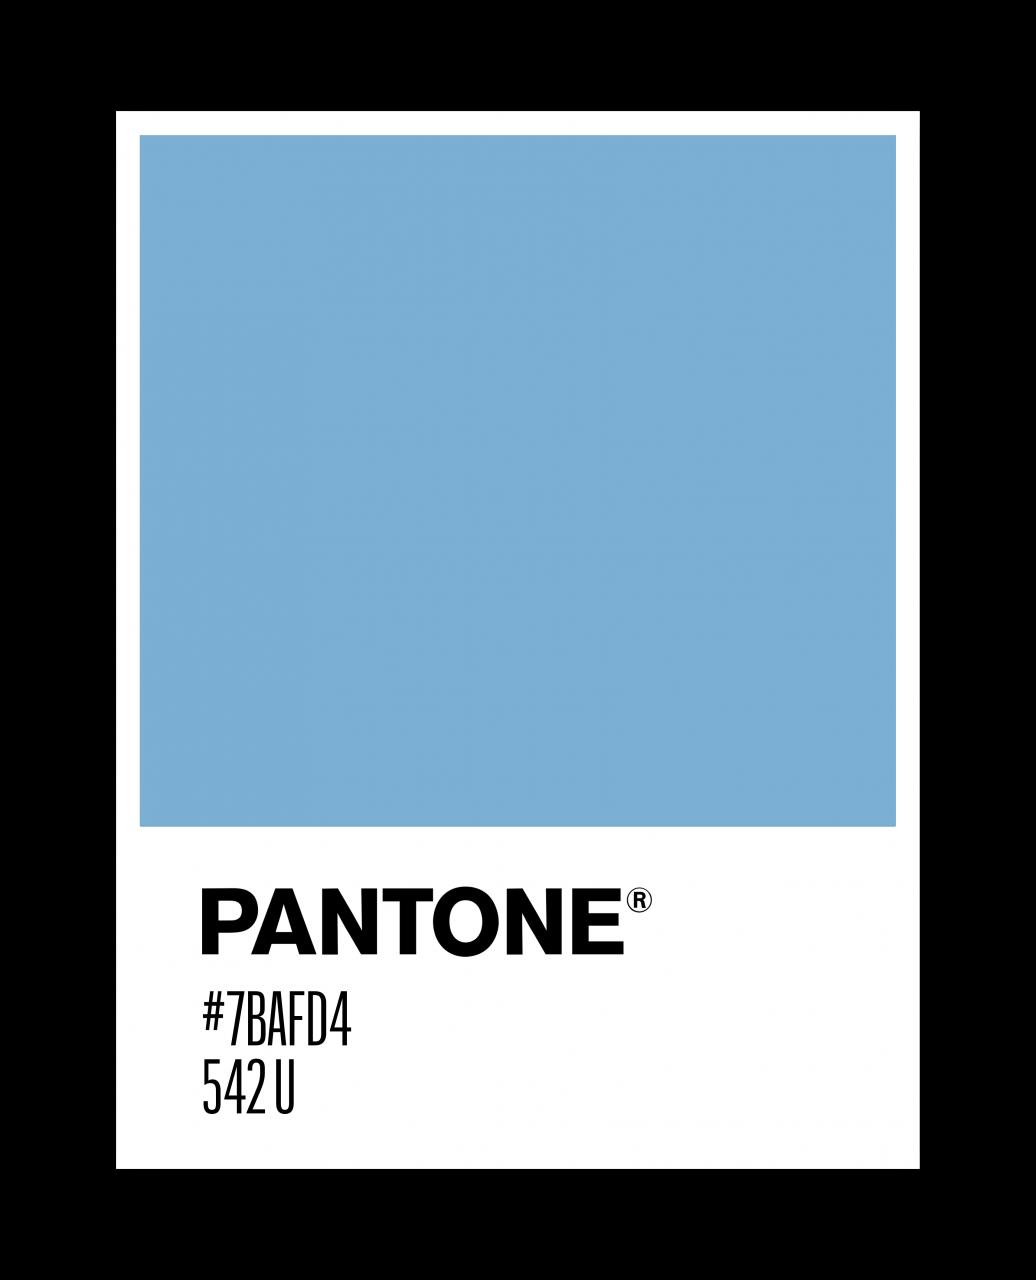 pantone spiaggina 500 jolly icon-e garage italia Costa Smerlada